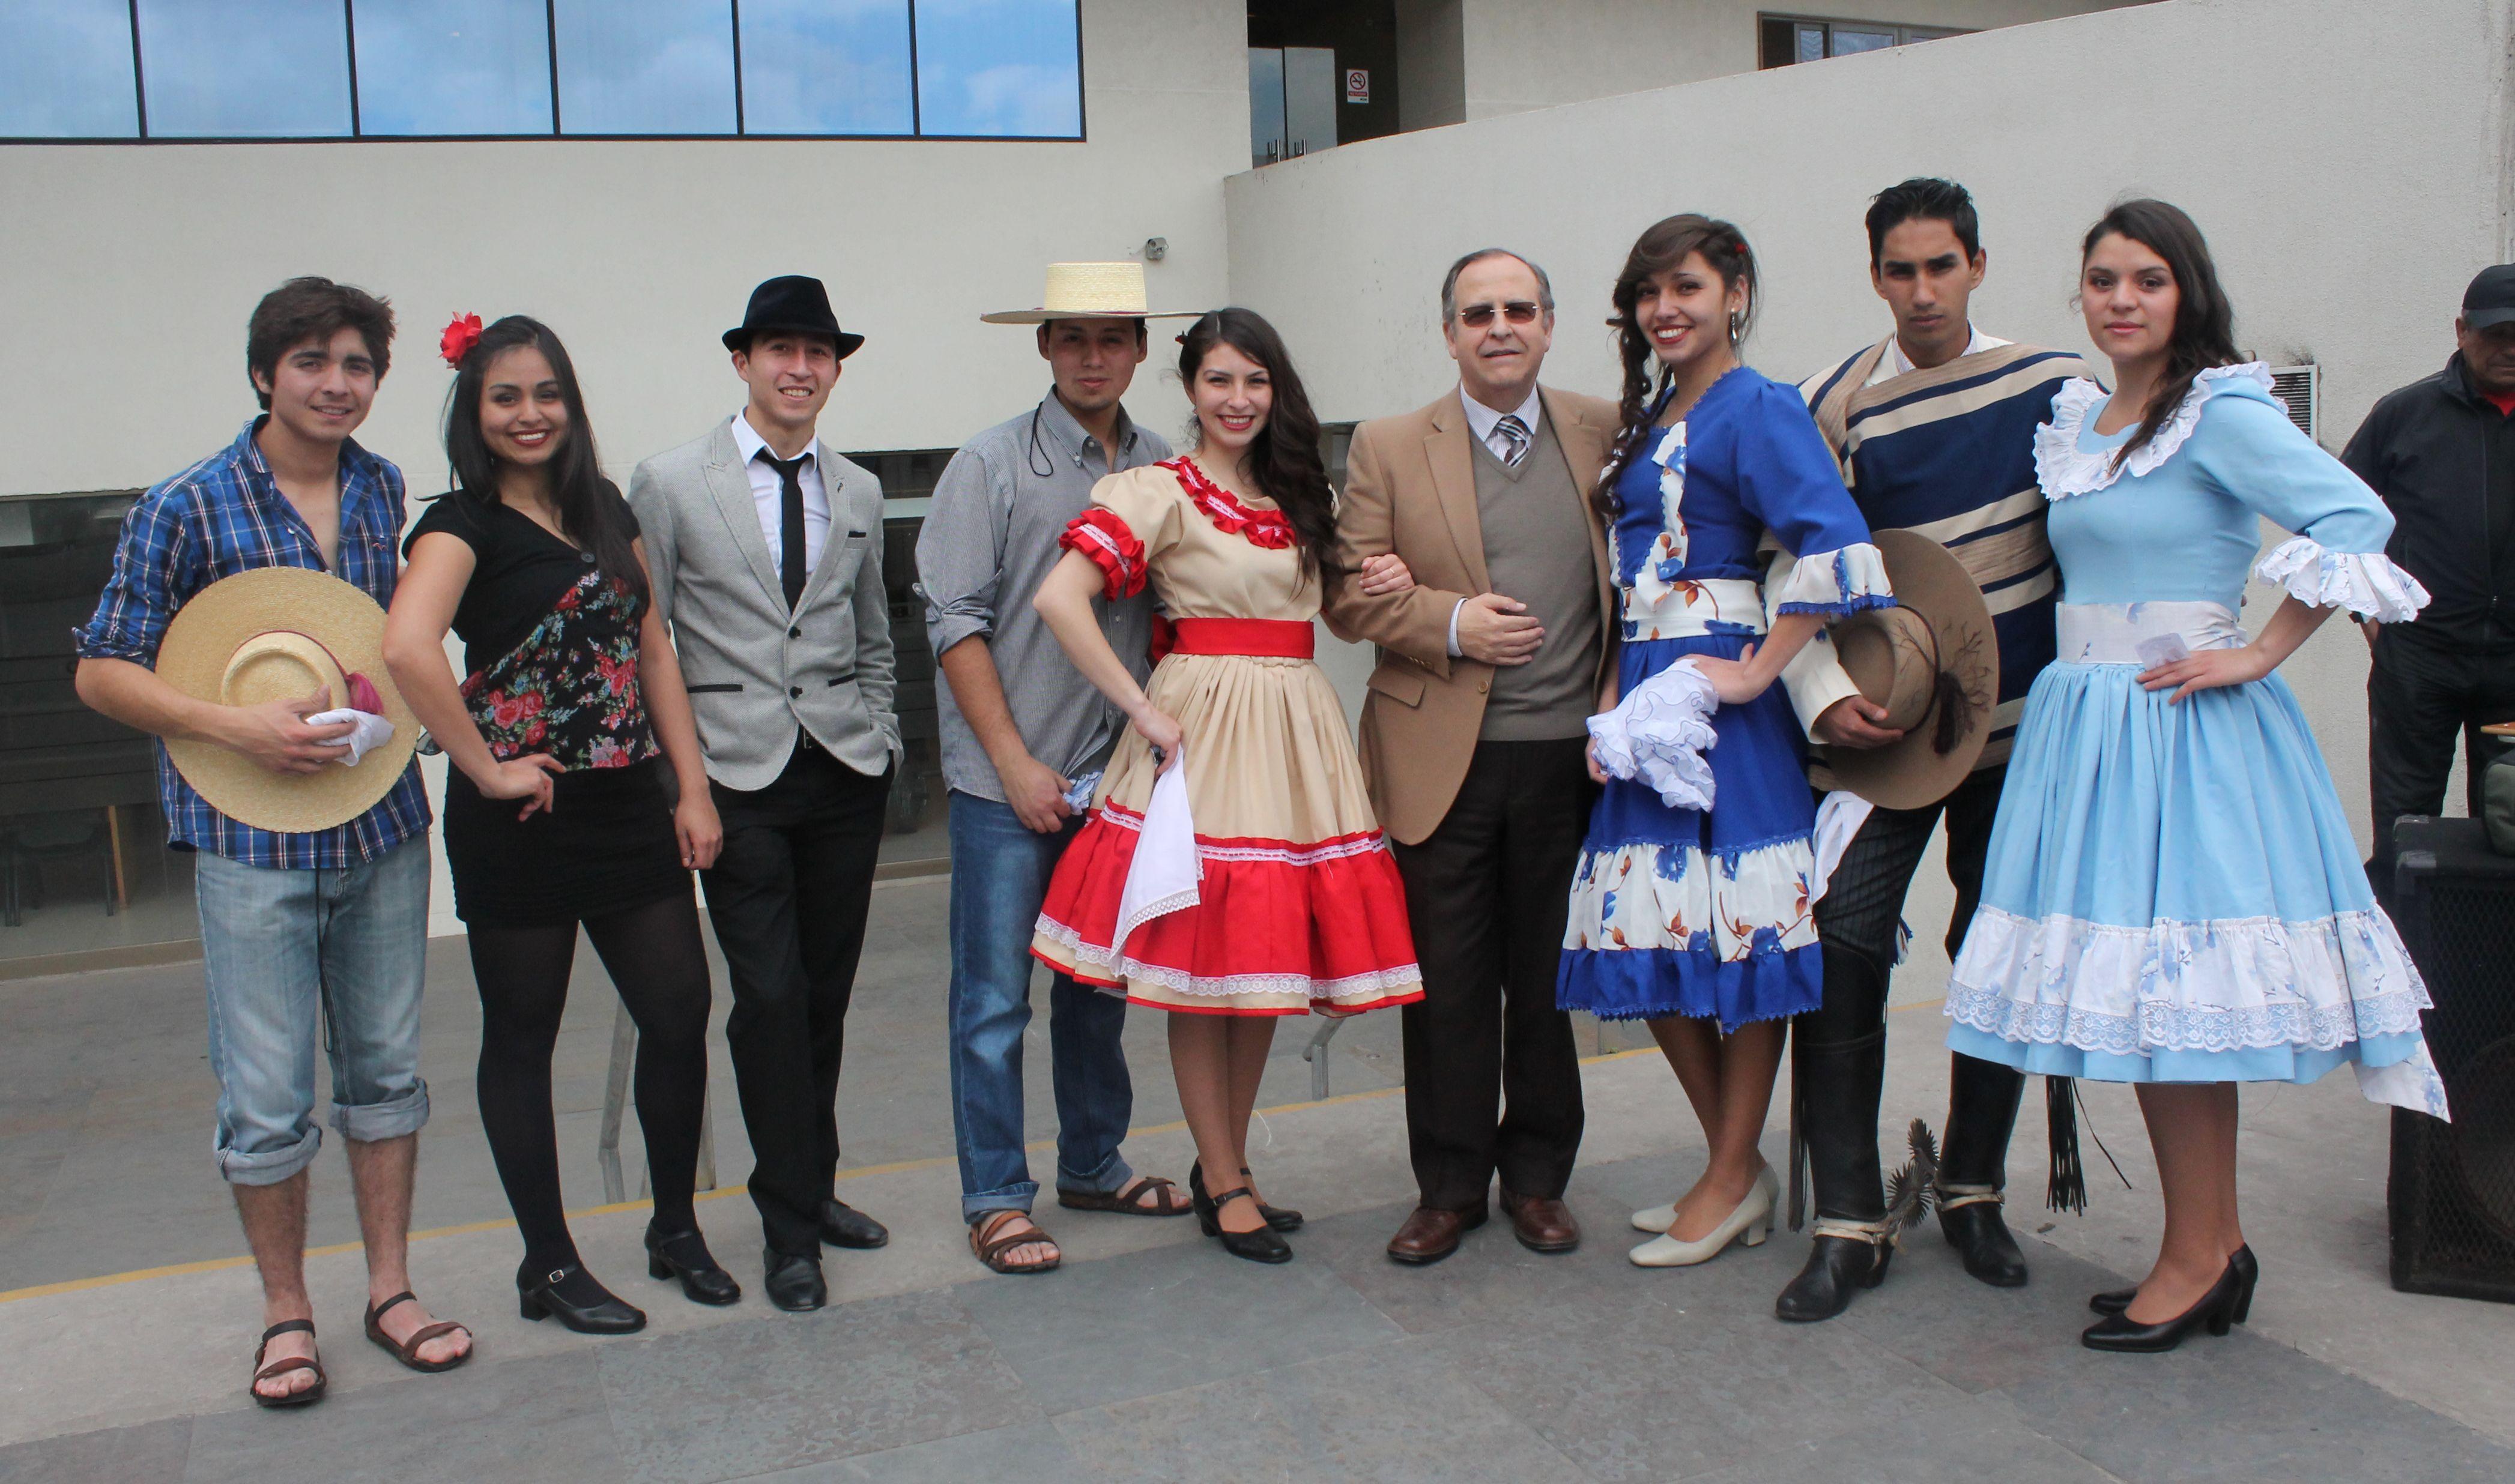 Alumnos de Campus Rondizzoni de la Universidad Bernardo O'Higgins compartieron de un Esquinazo en honor a Fiestas Patrias.